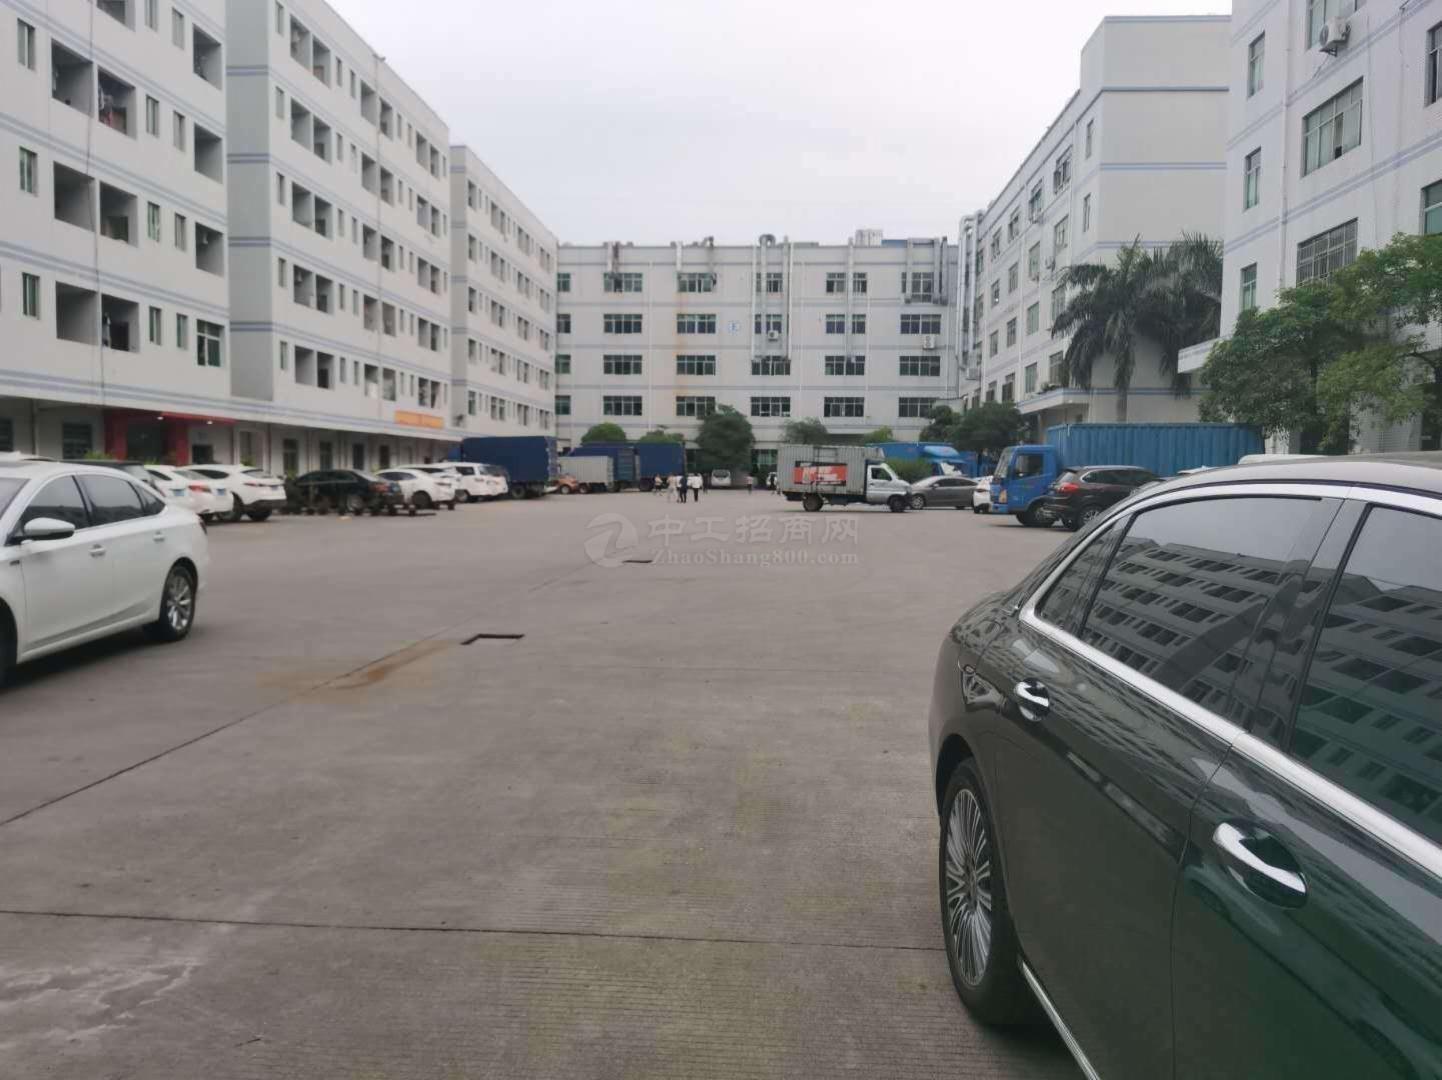 松岗中学附近20元起厂房出租2万平工业区100平起租一楼仓库